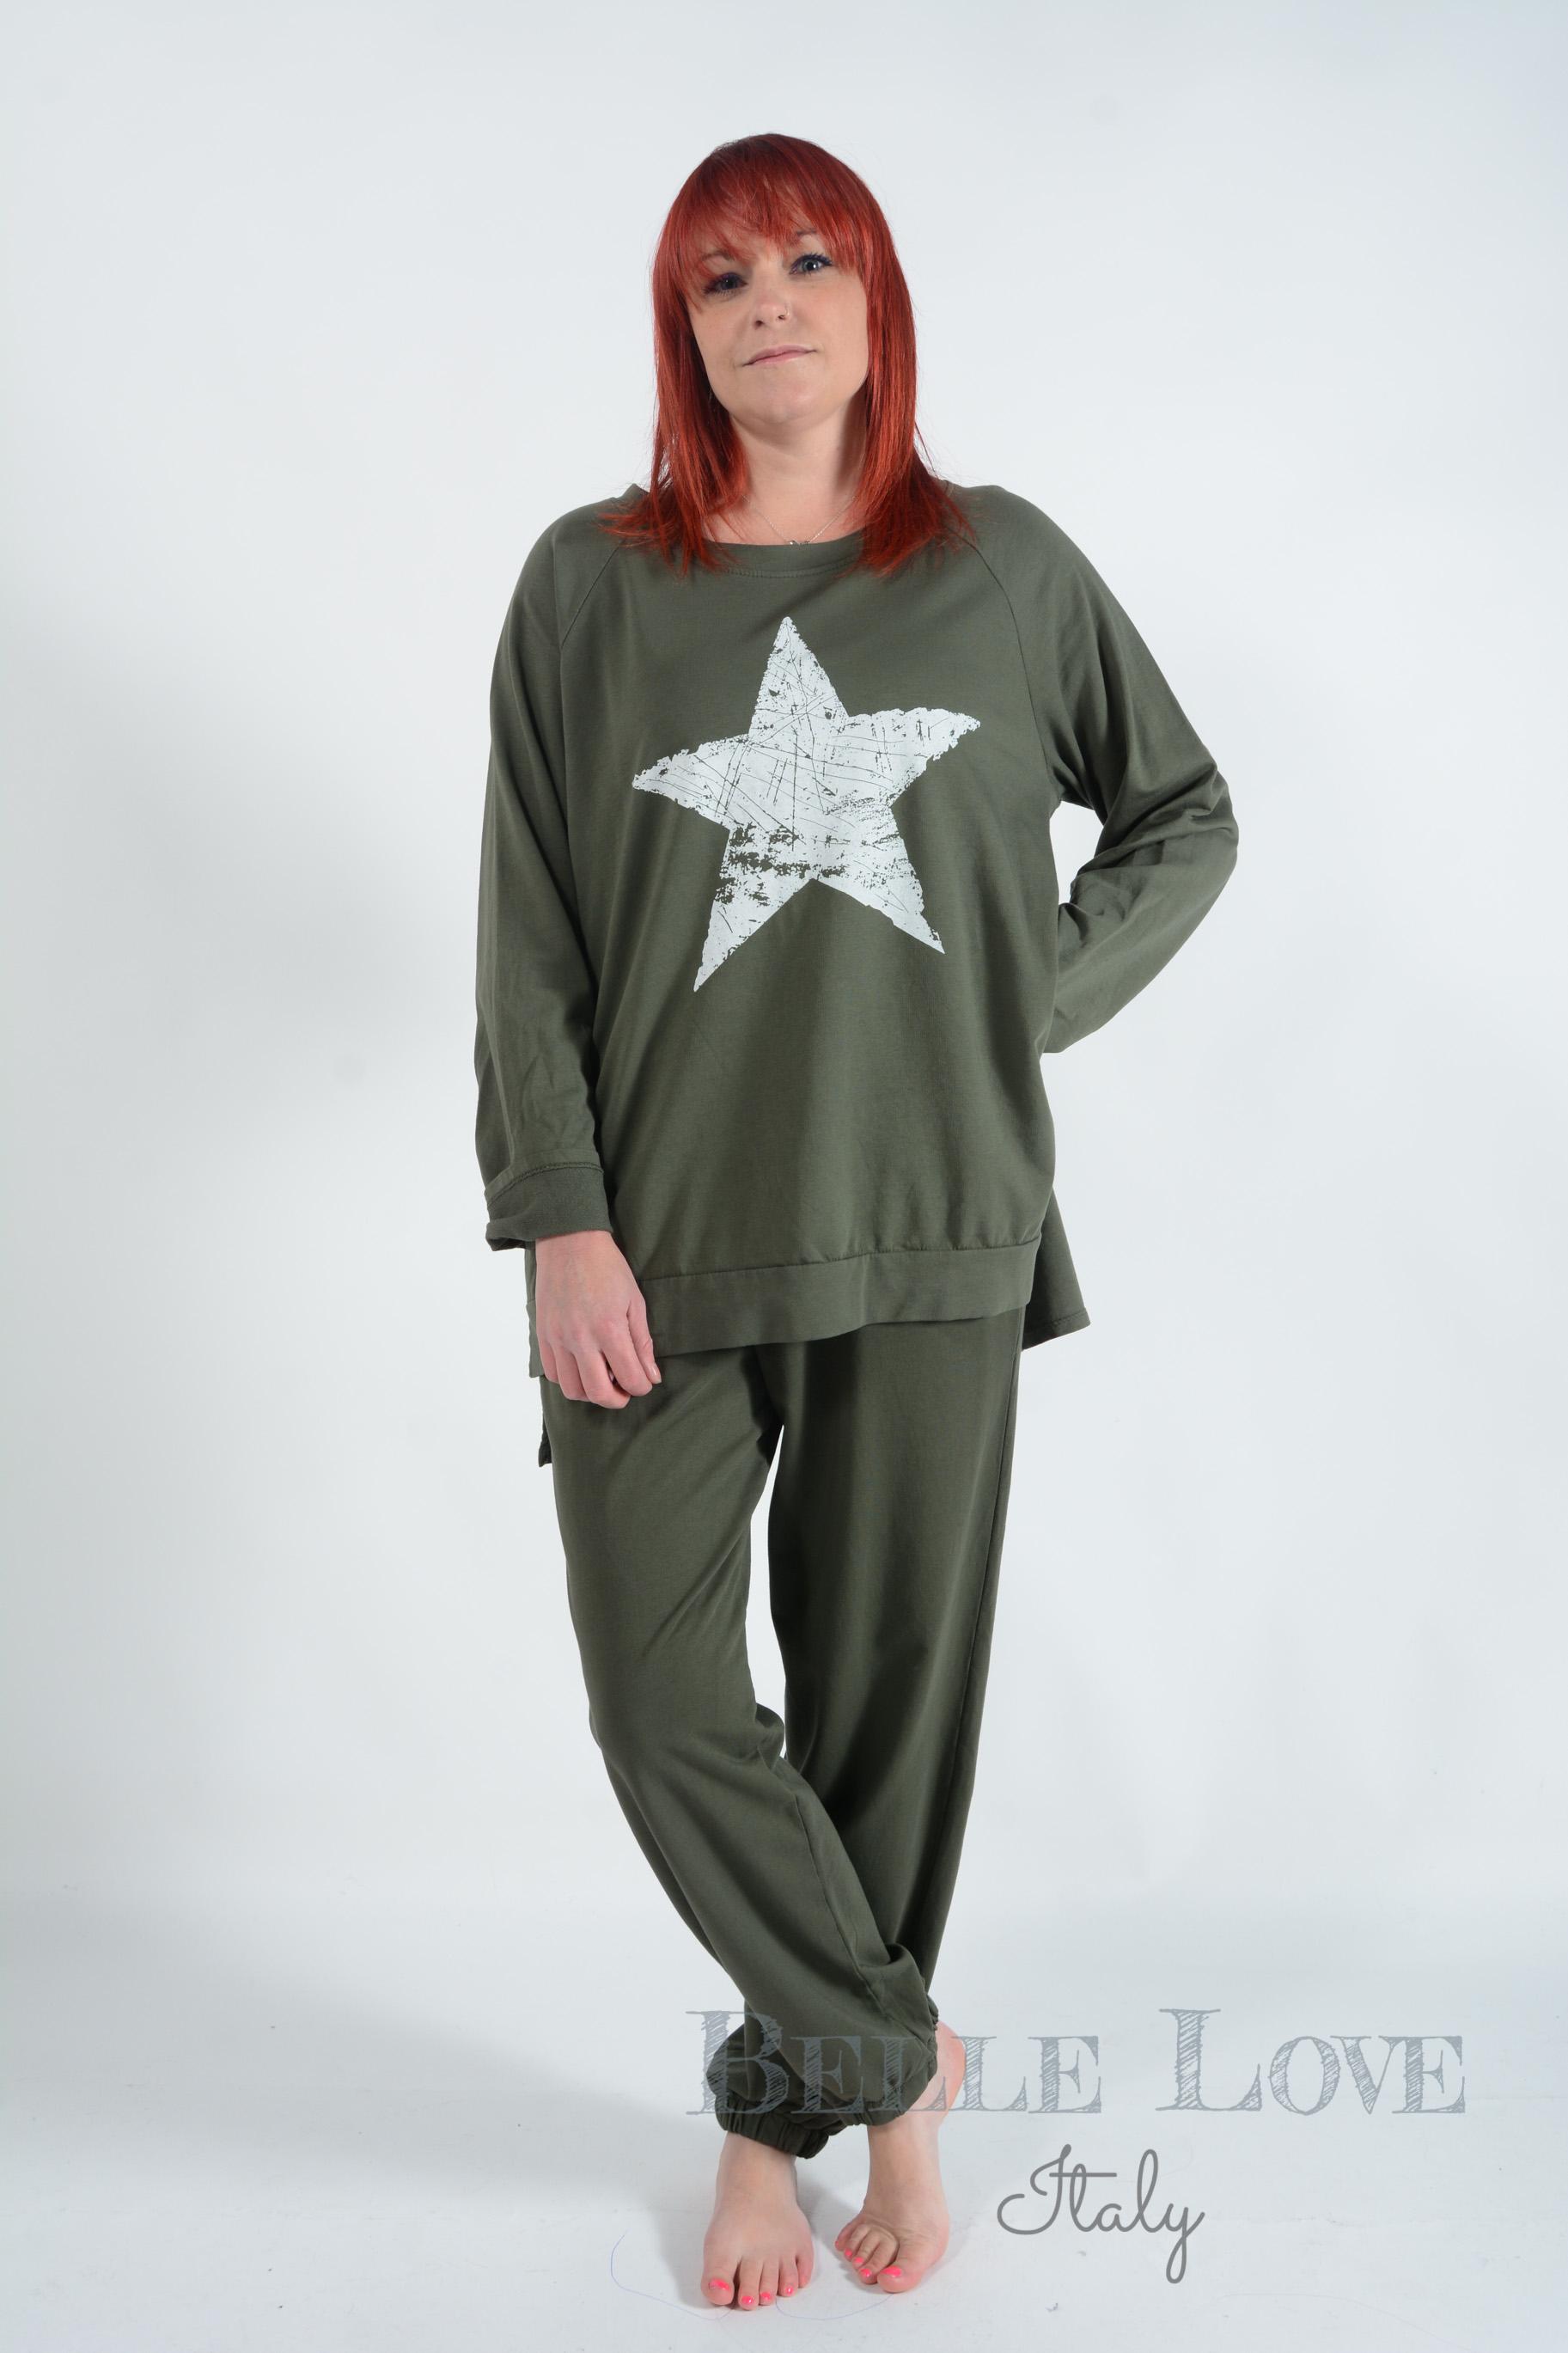 Belle Love Italy Katie Star Women's Loungewear Set